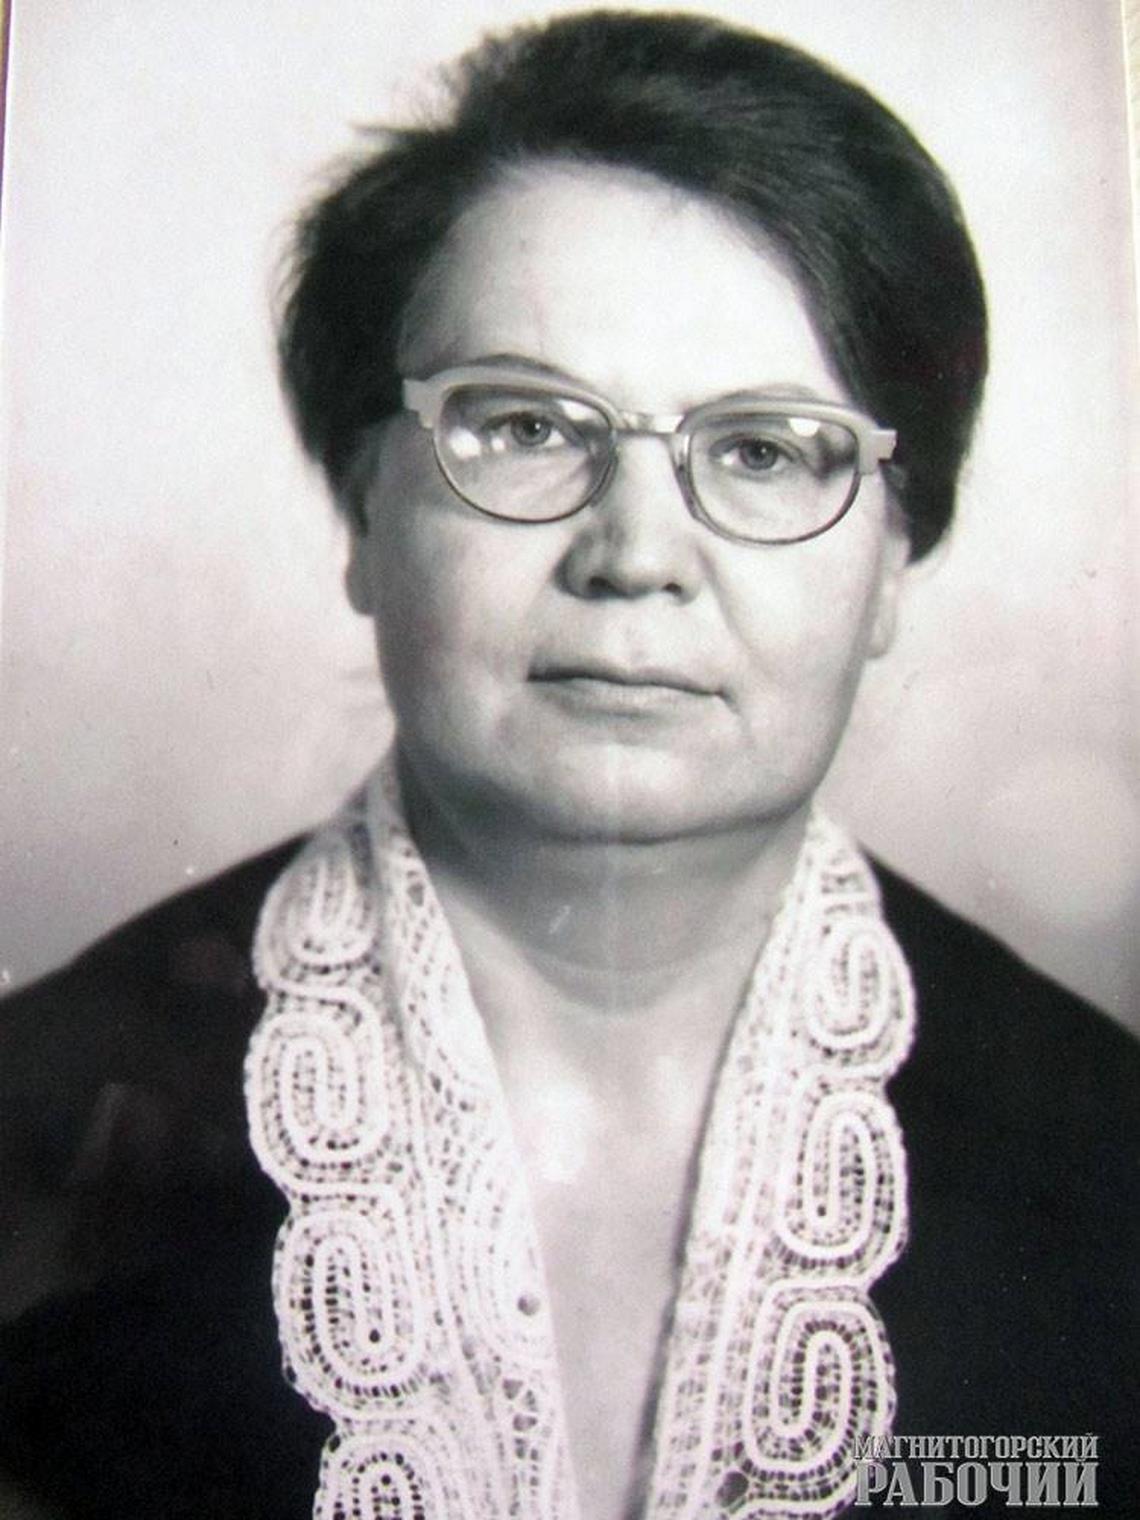 Первый наставник, учитель и друг.Заслуженному учителю РСФСР Вере Петровой исполнилось 90 лет